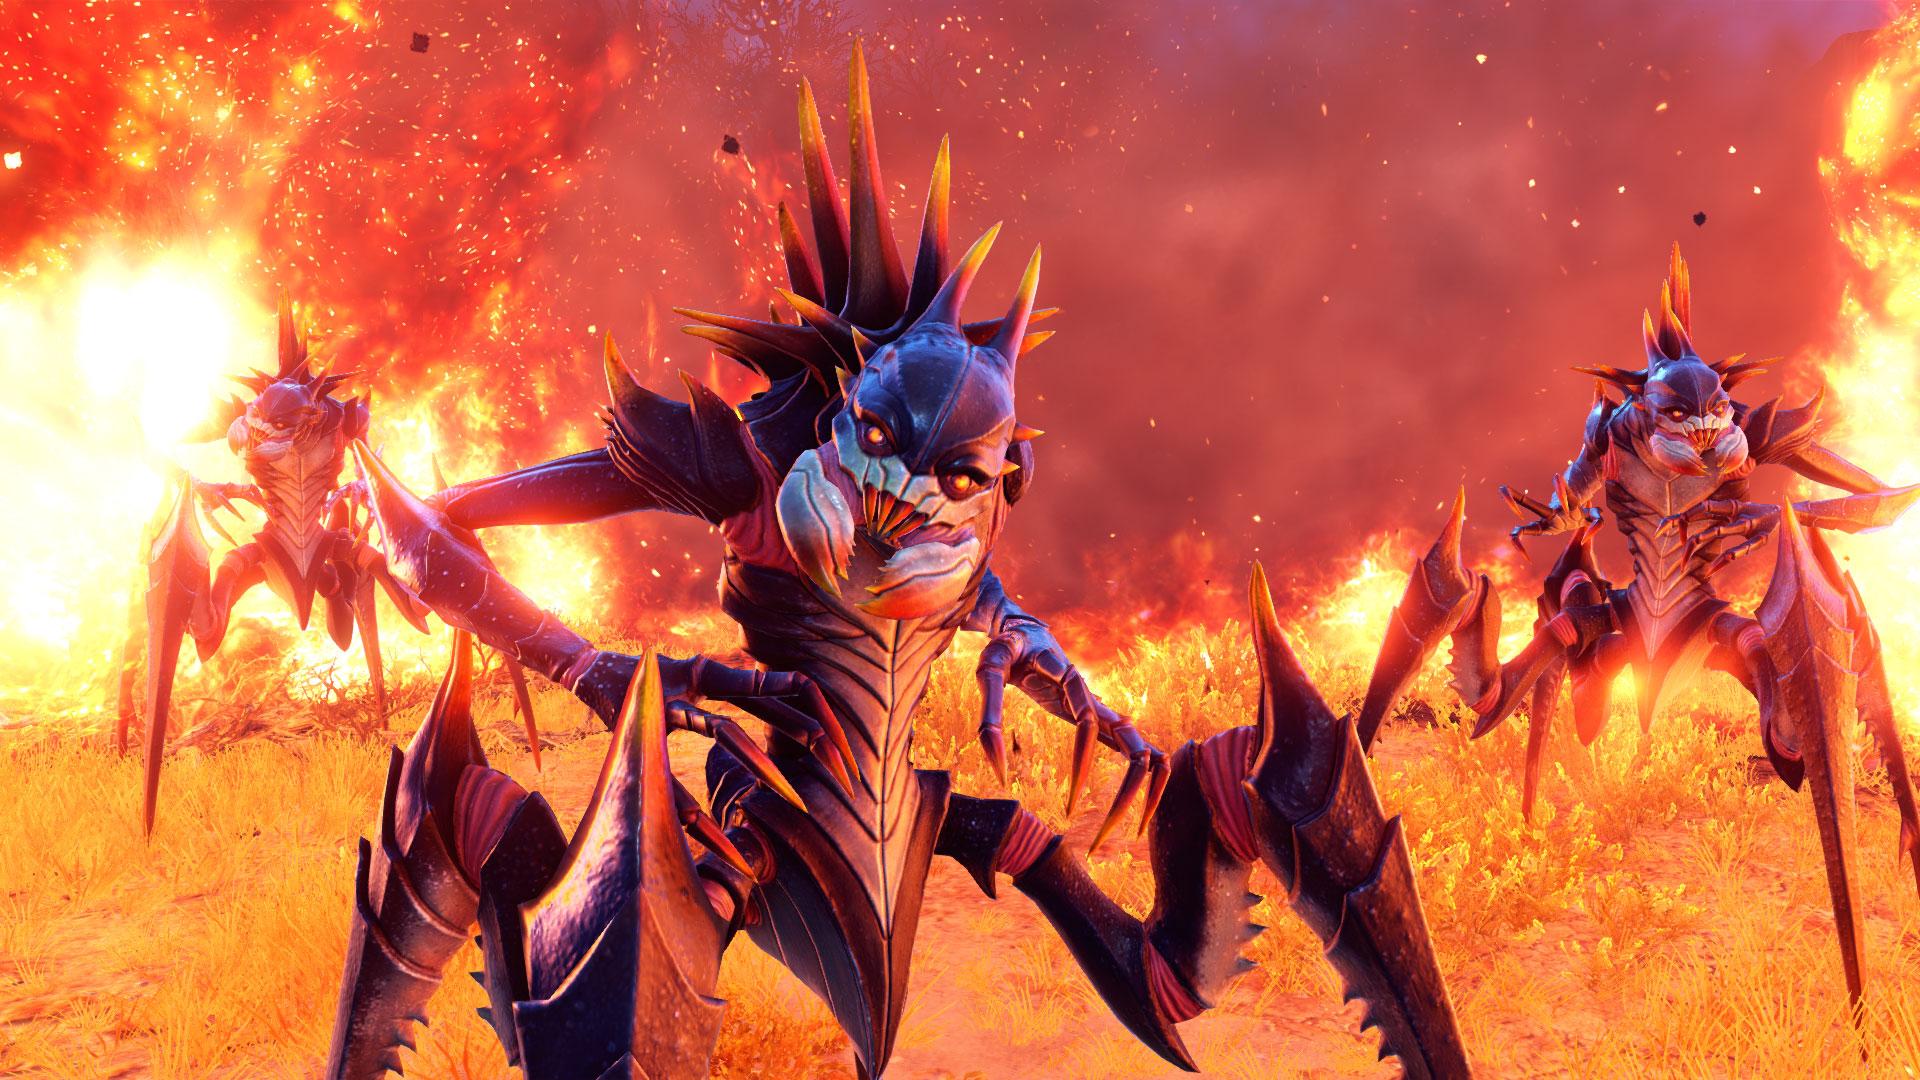 """Die Fortsetzung zu Firaxis Strategie-Hit war bis PC-Feldherren vorbehalten, jetzt kommt die überfällige Konsolen-Version: Auch in """"XCom 2"""" stehen knackschwere Rundengefechte gegen fiese Alien-Invasoren auf dem Programm • ab 30.09. für PS4, Xbox One"""